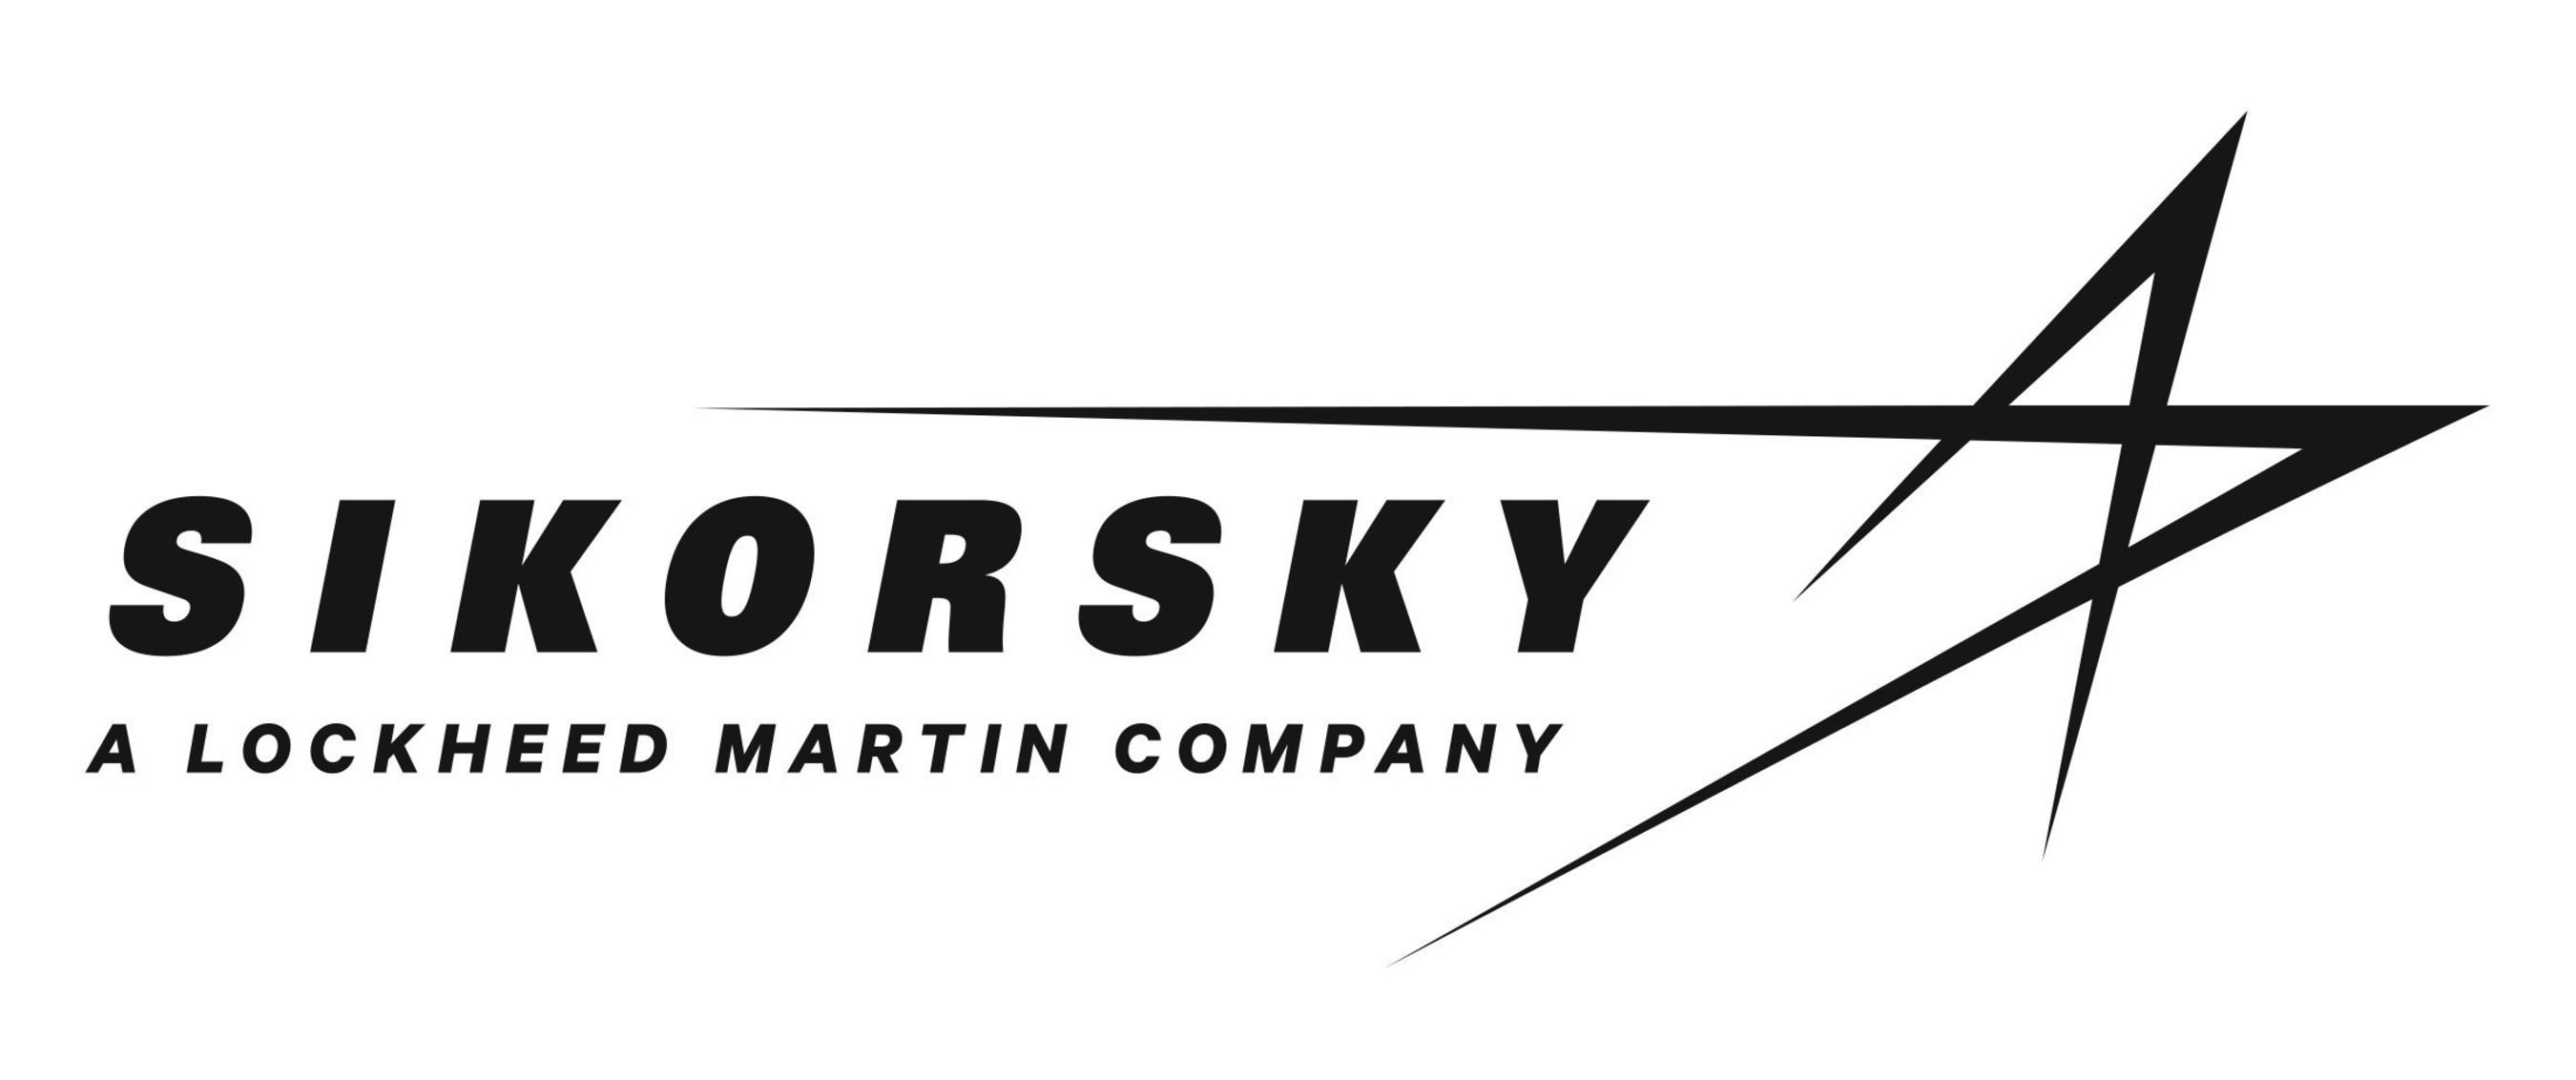 Sikorsky, A Lockheed Martin Company.